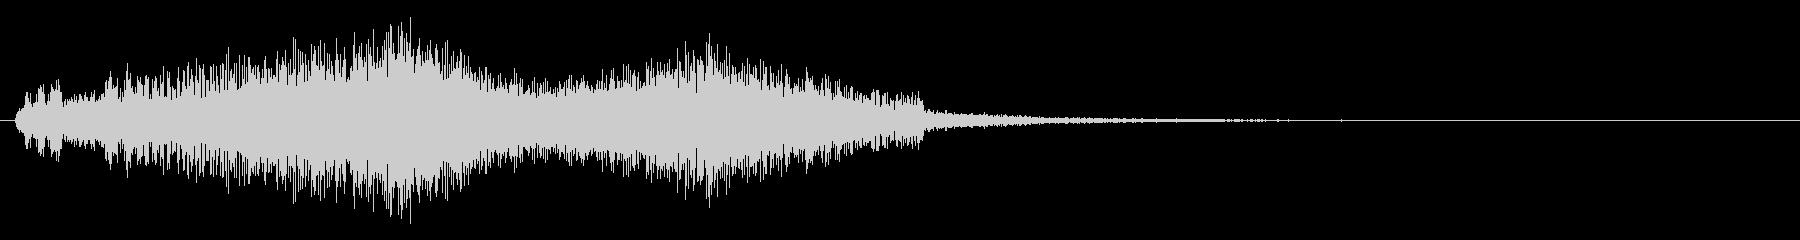 ワープ音(ポワポワ)の未再生の波形